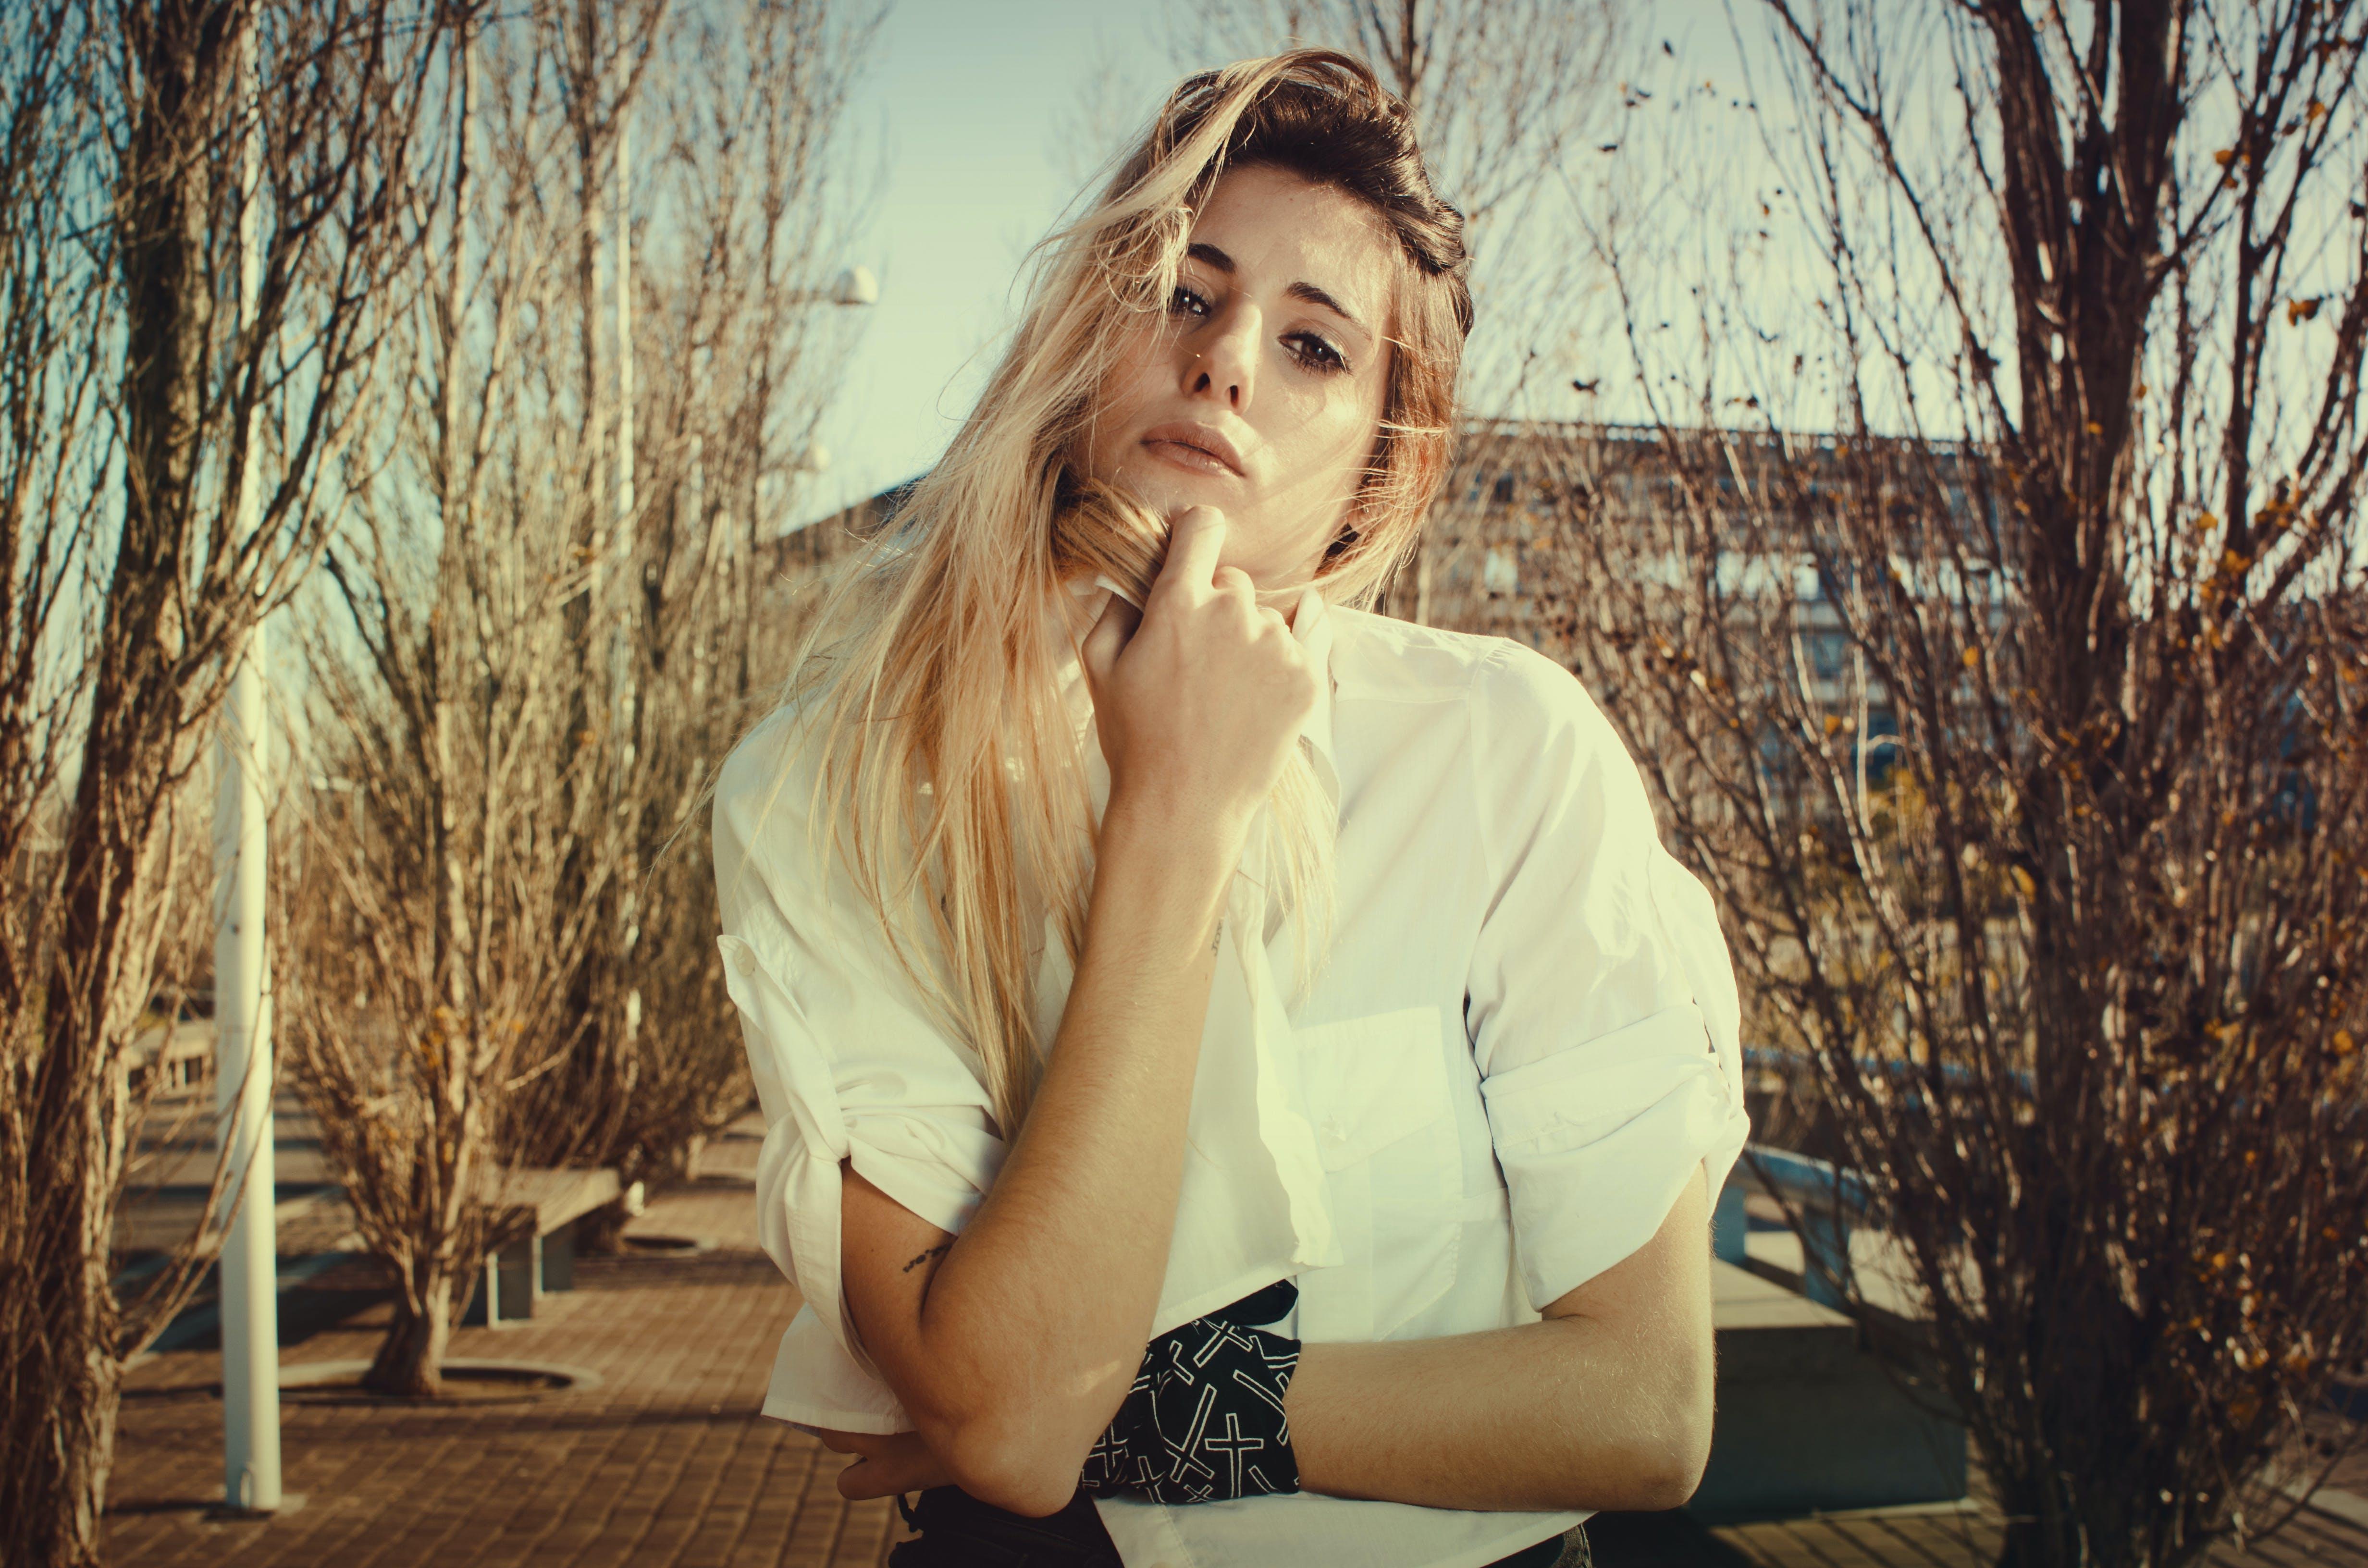 Gratis stockfoto met aantrekkelijk, aantrekkelijk mooi, blond haar, bomen